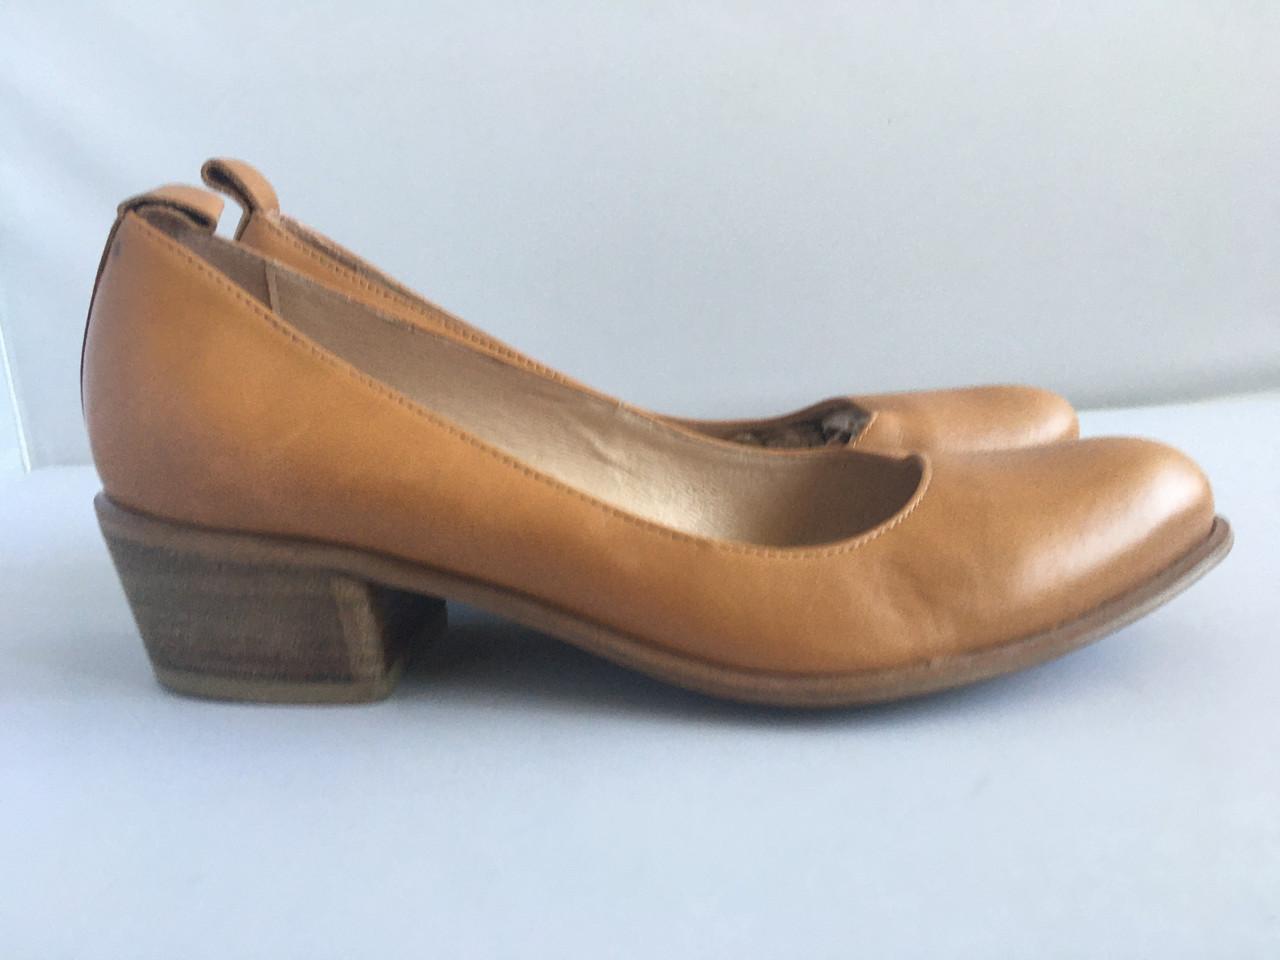 Женские туфли San Marina, 36 размер